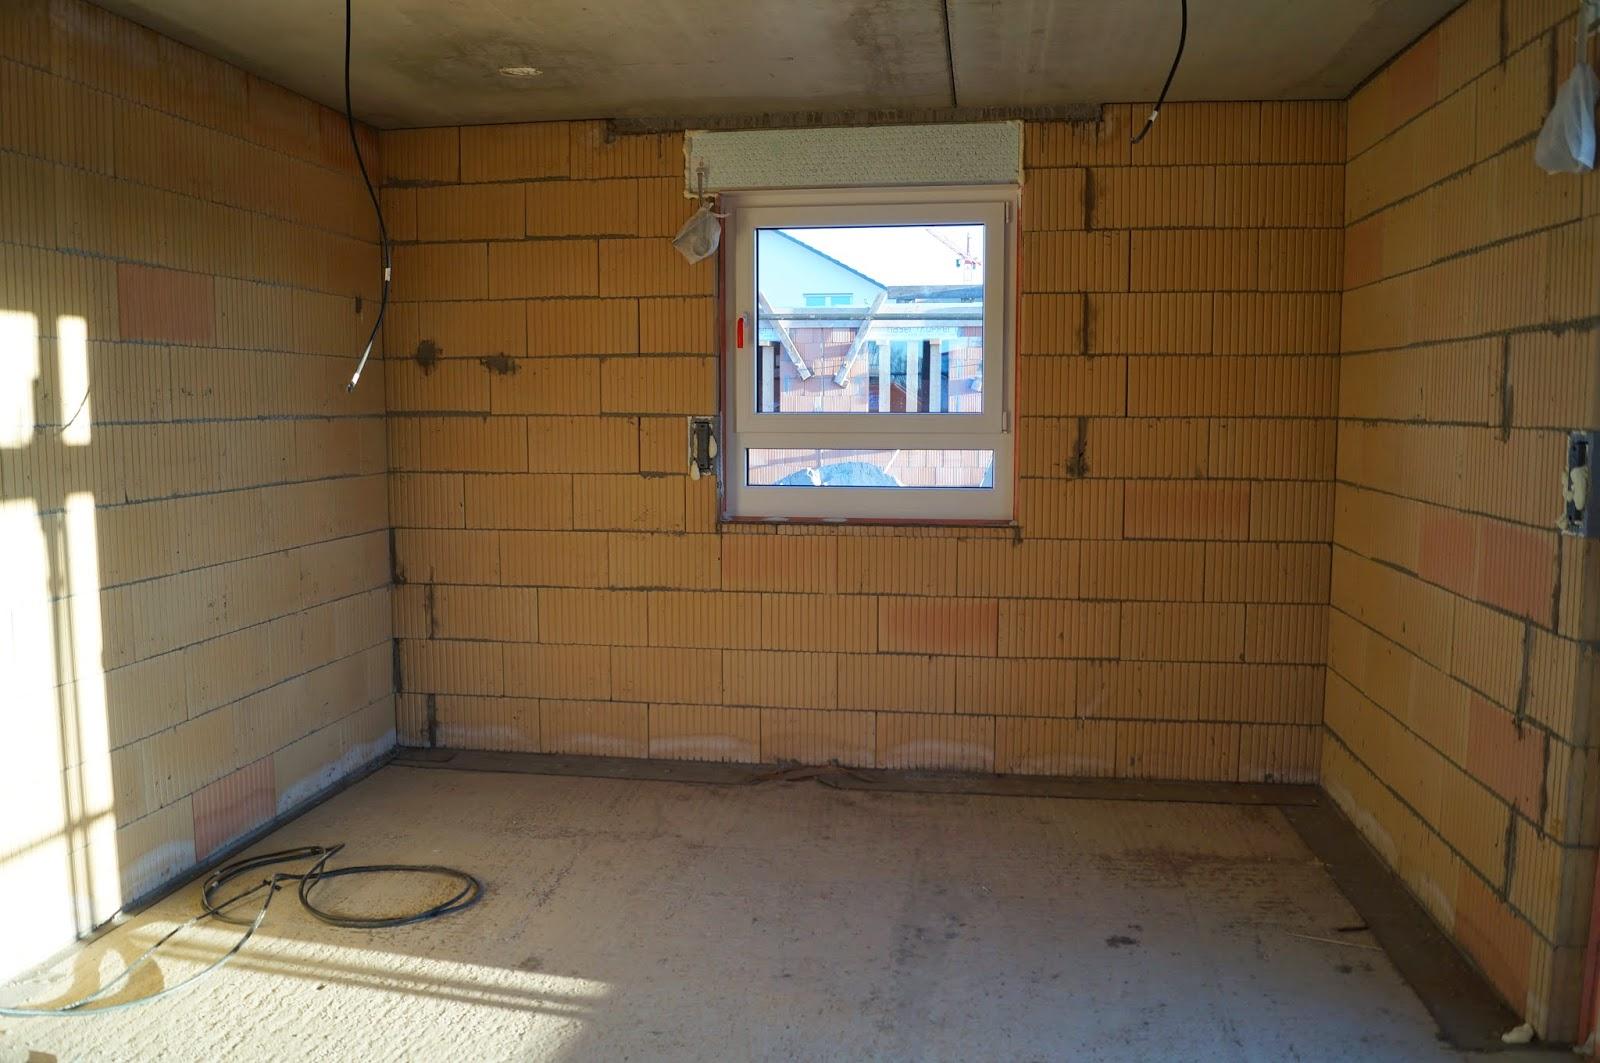 Abenteuer hausbau rohbau innen ohne trockenbau - Fenster ohne fensterbank ...